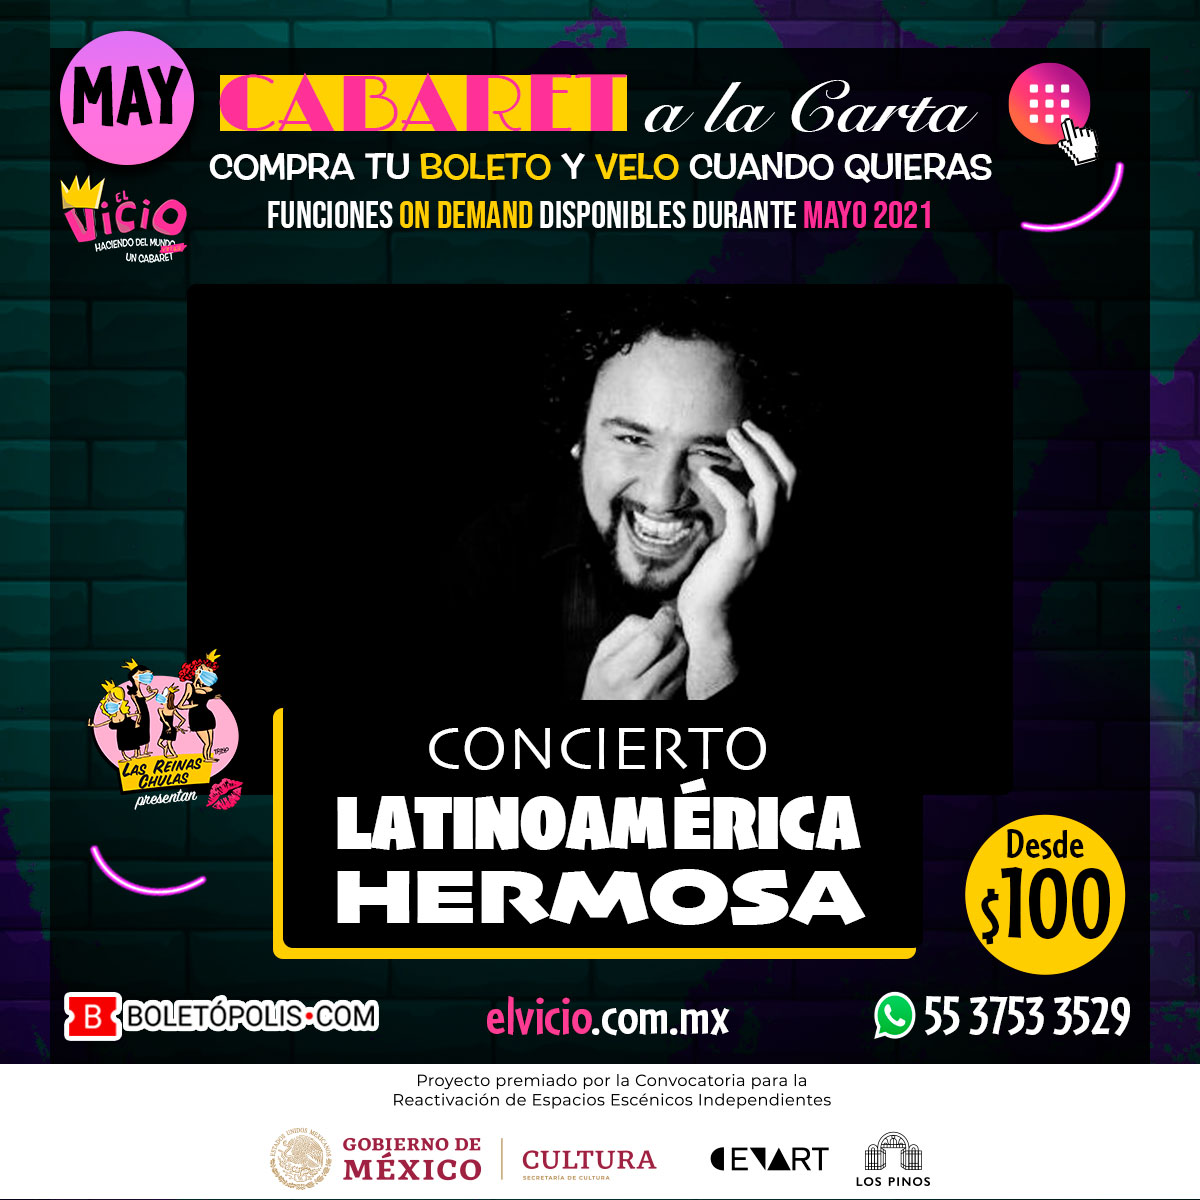 Concierto Latinoamérica Hermosa